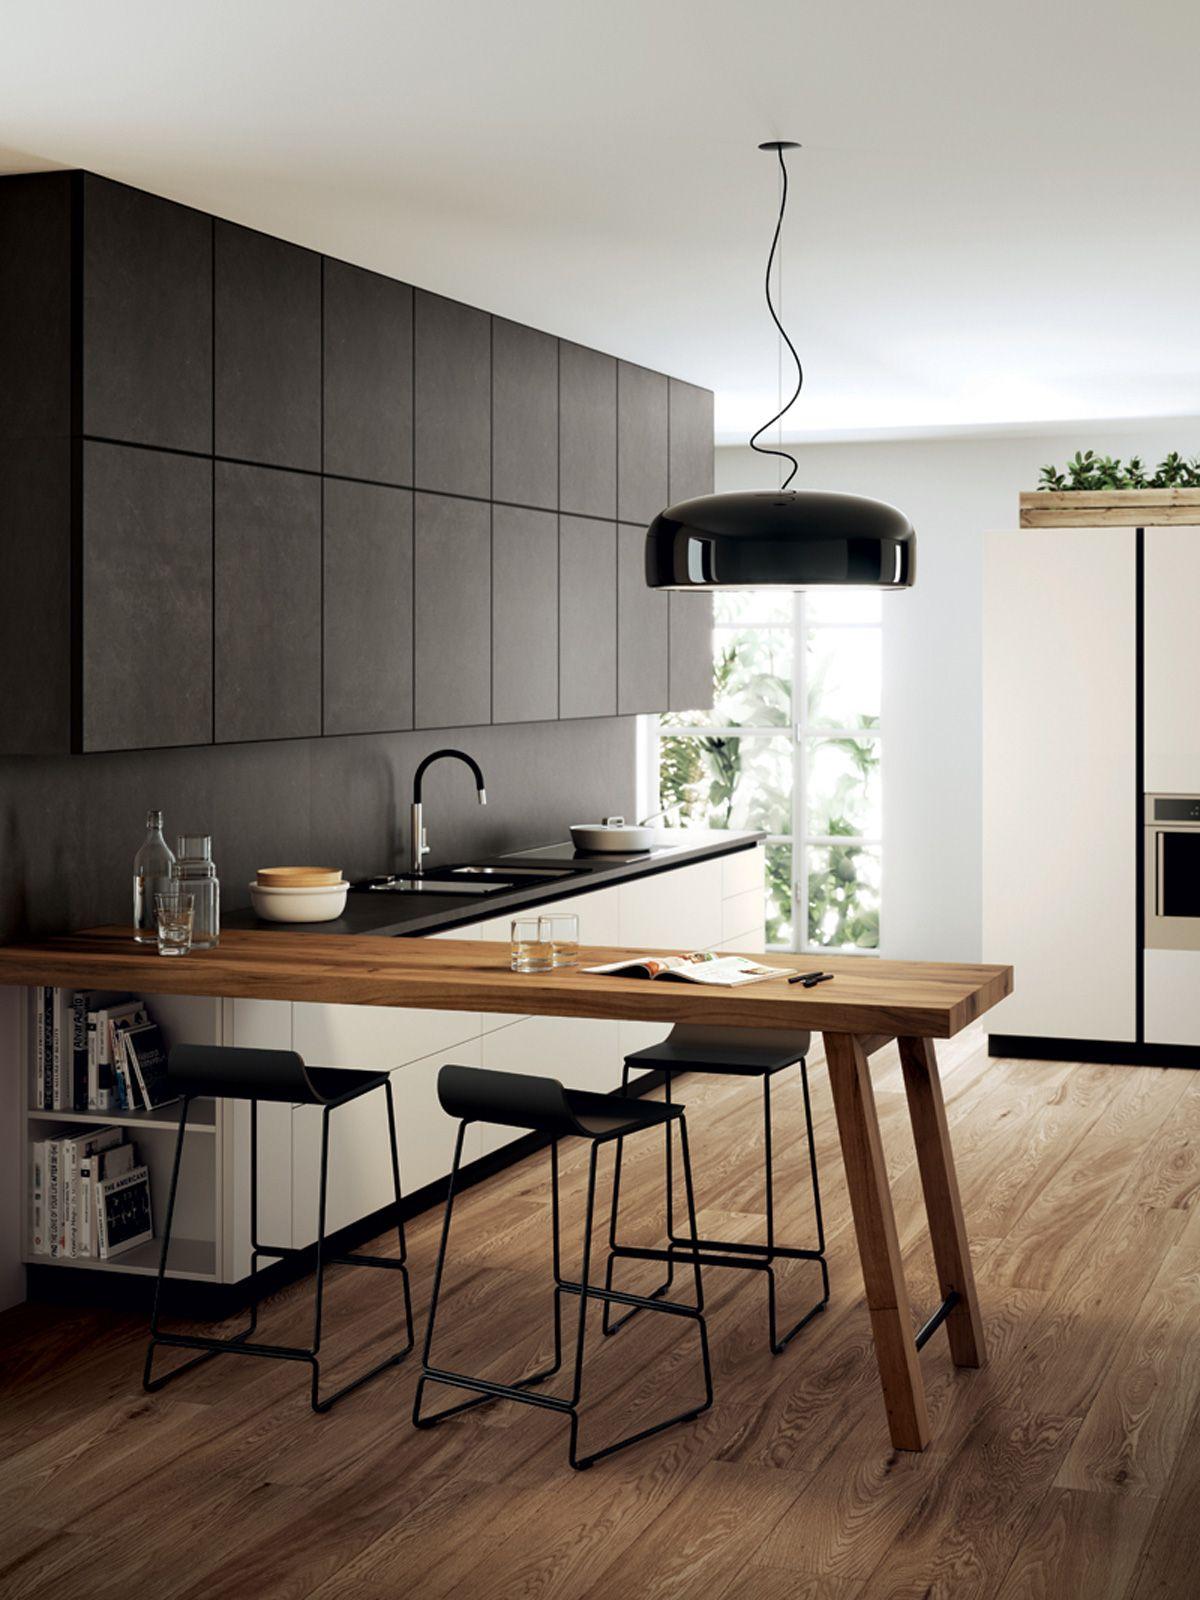 Cucine Tutto Su Una Parete O Quasi Home Kitchen Cucine Moderne Idee Per La Cucina E Cucina Moderna